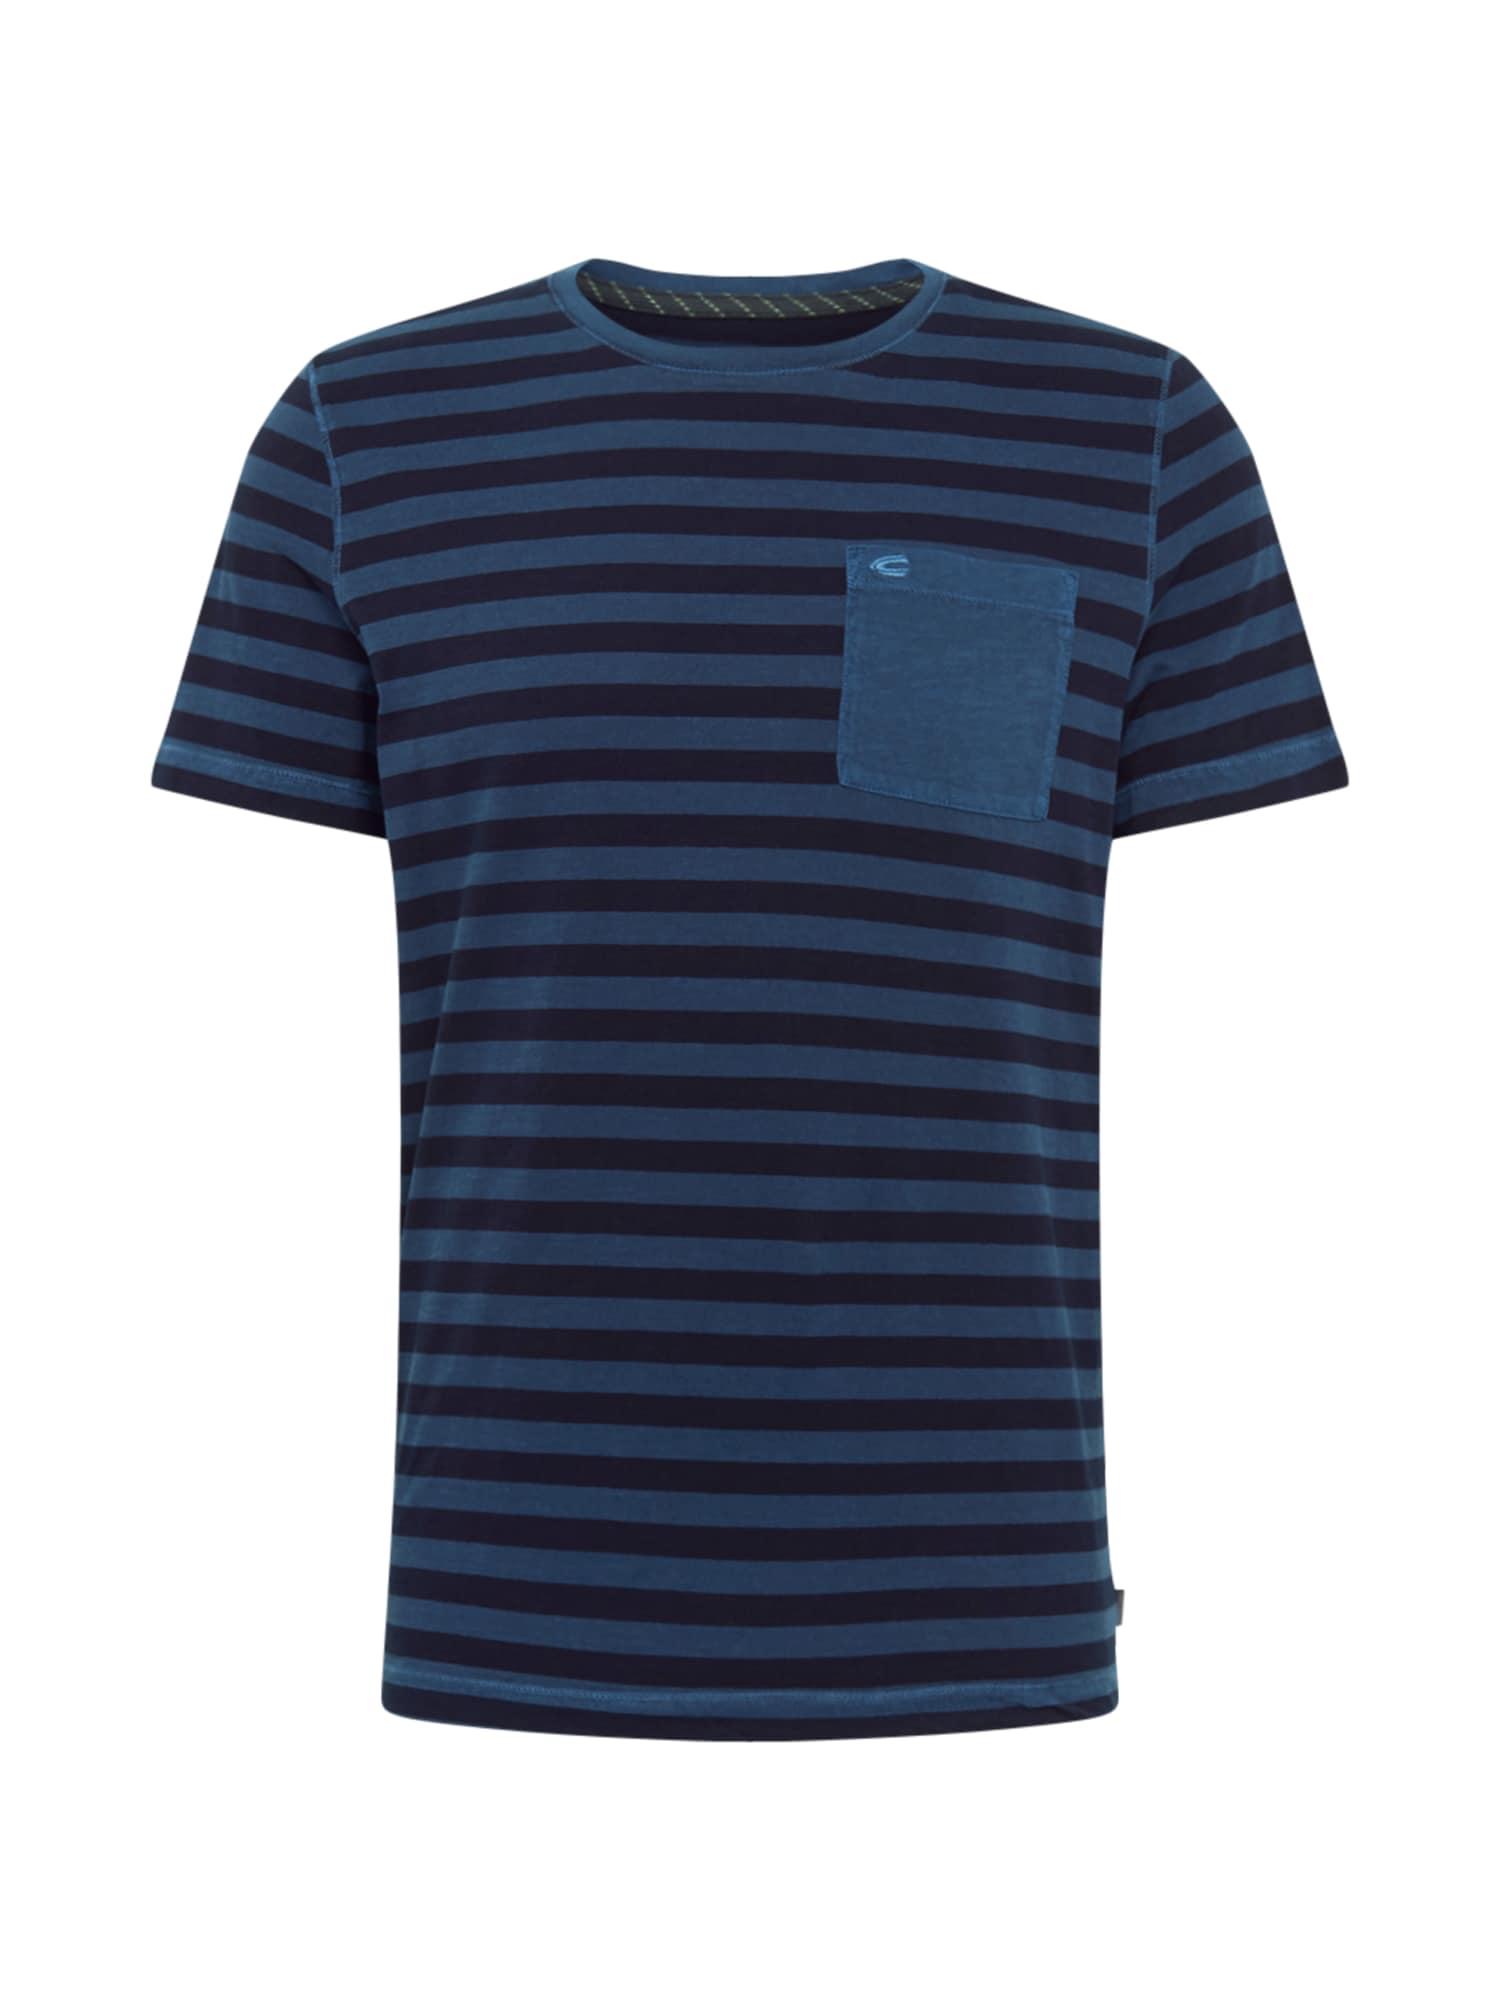 CAMEL ACTIVE Marškinėliai mėlyna / dangaus žydra